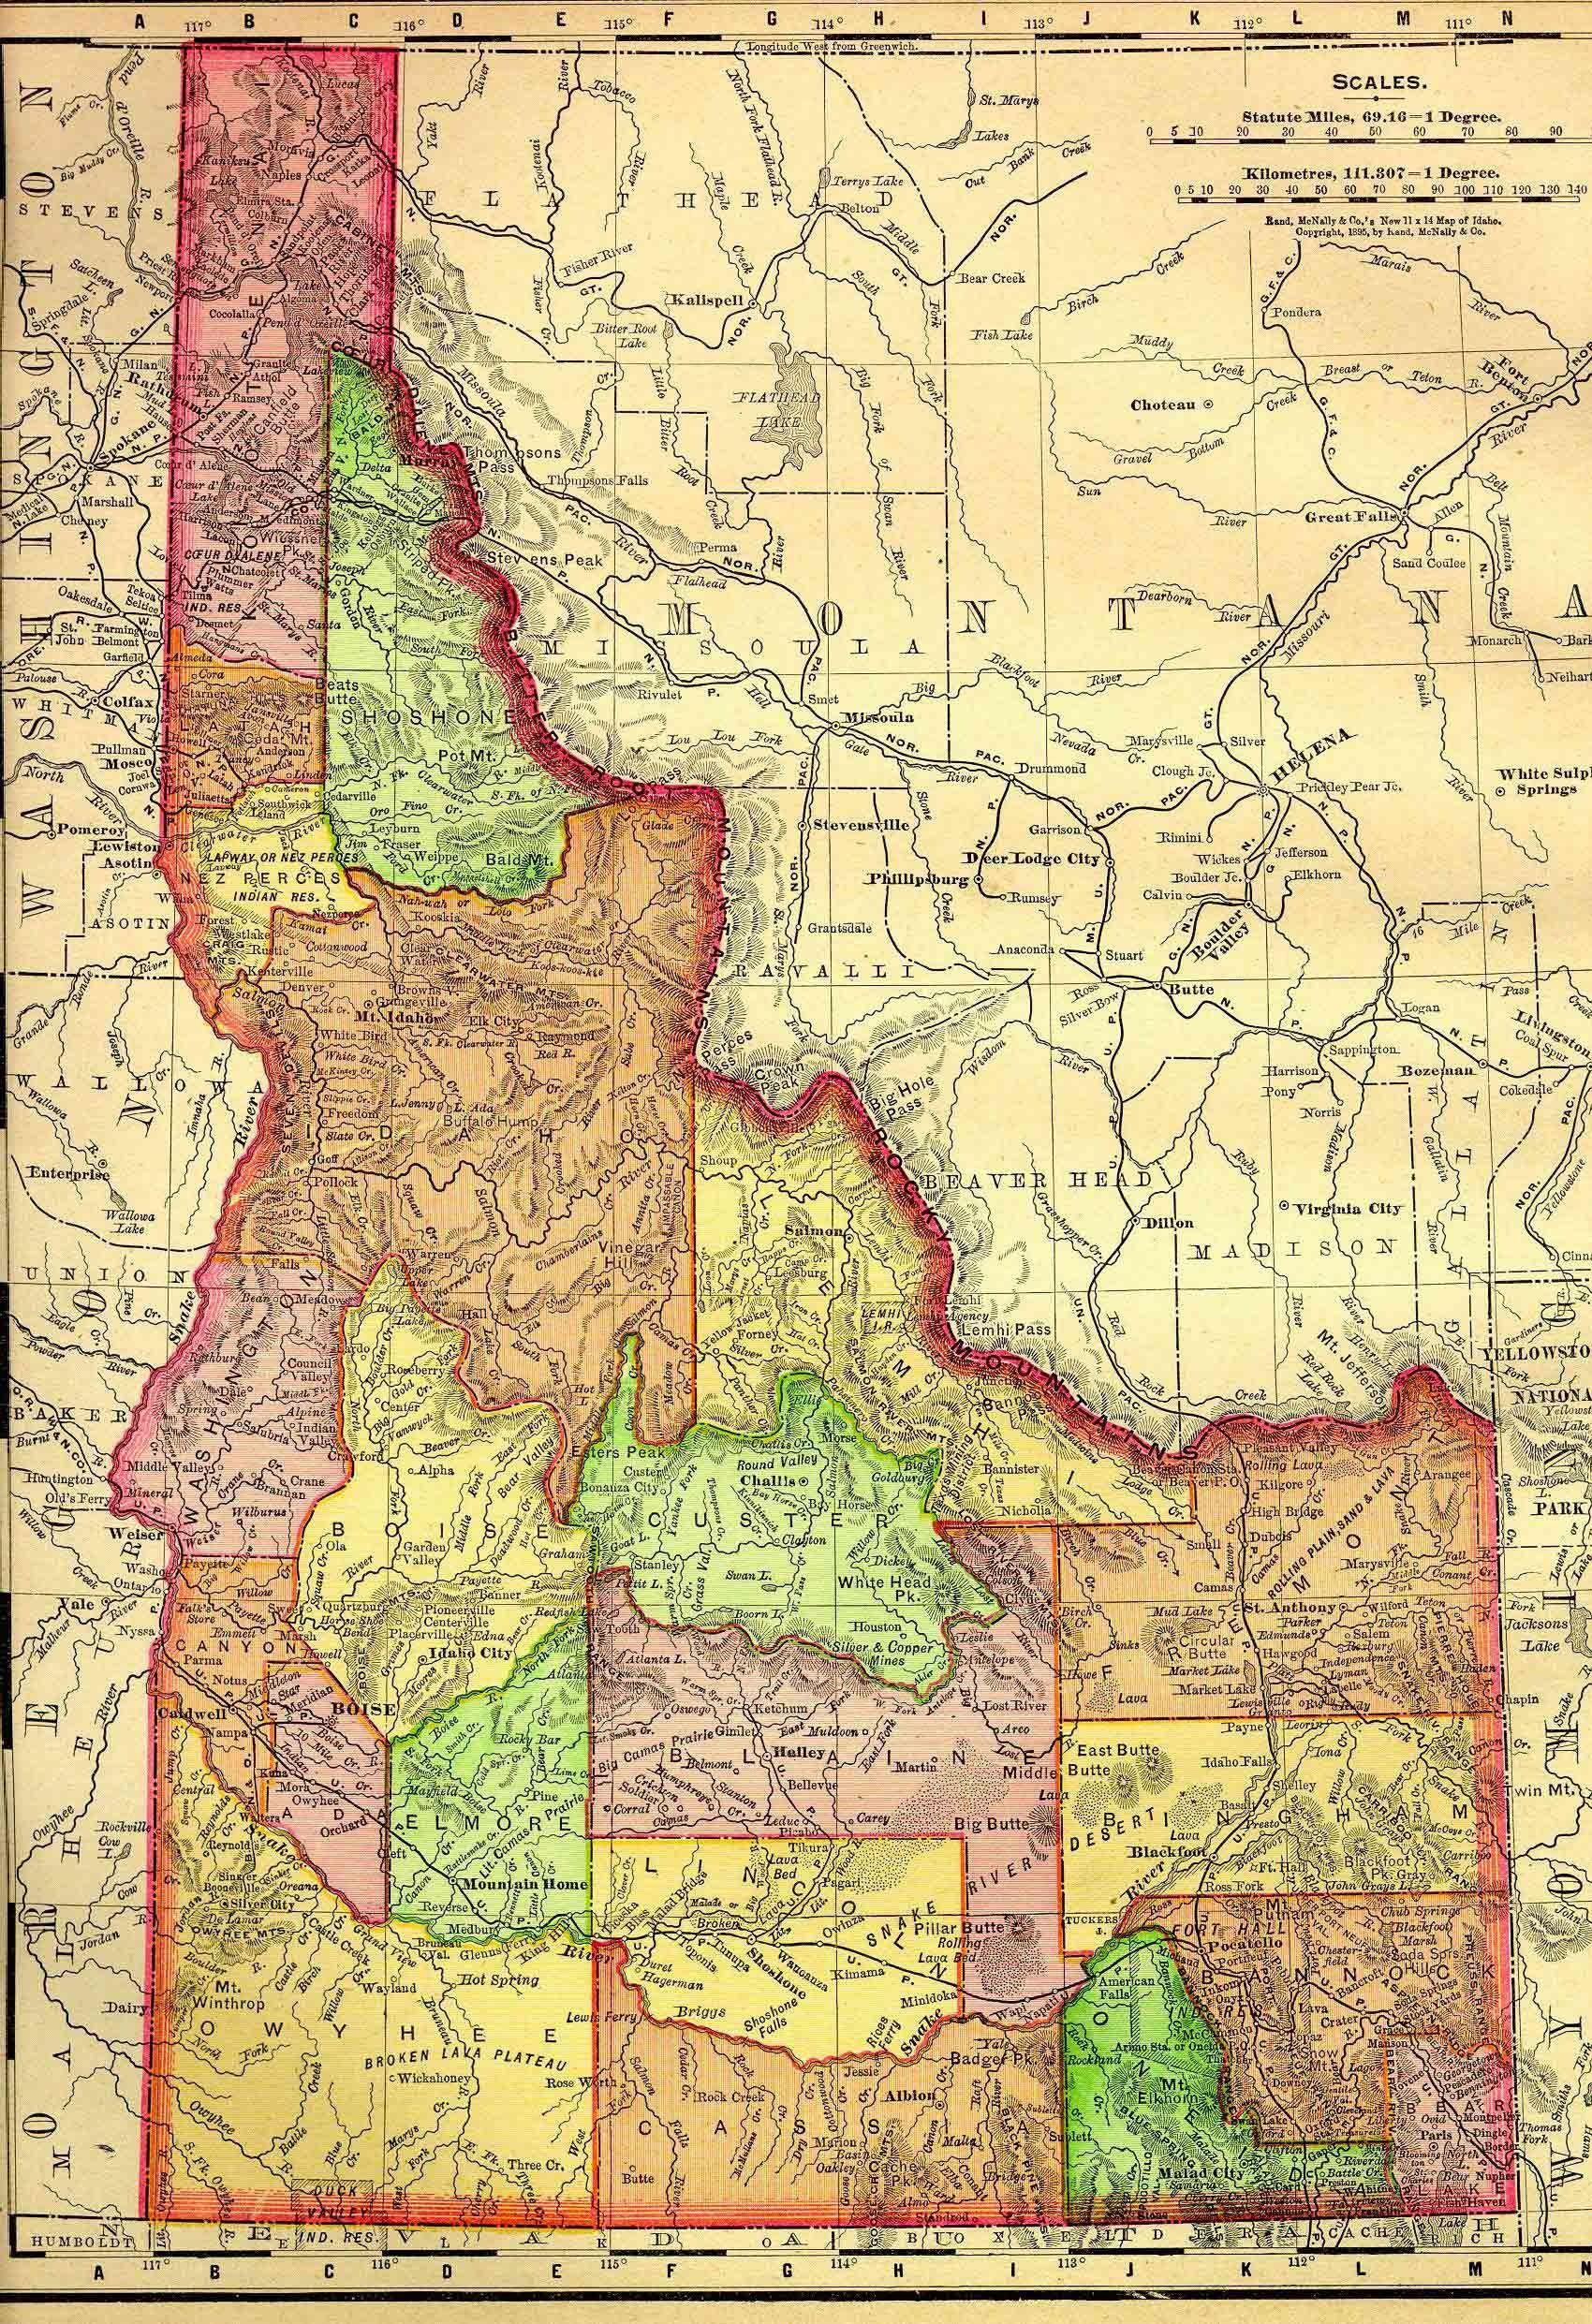 1895 Idaho State map | Idahome | Pinterest | Idaho and Pacific northwest